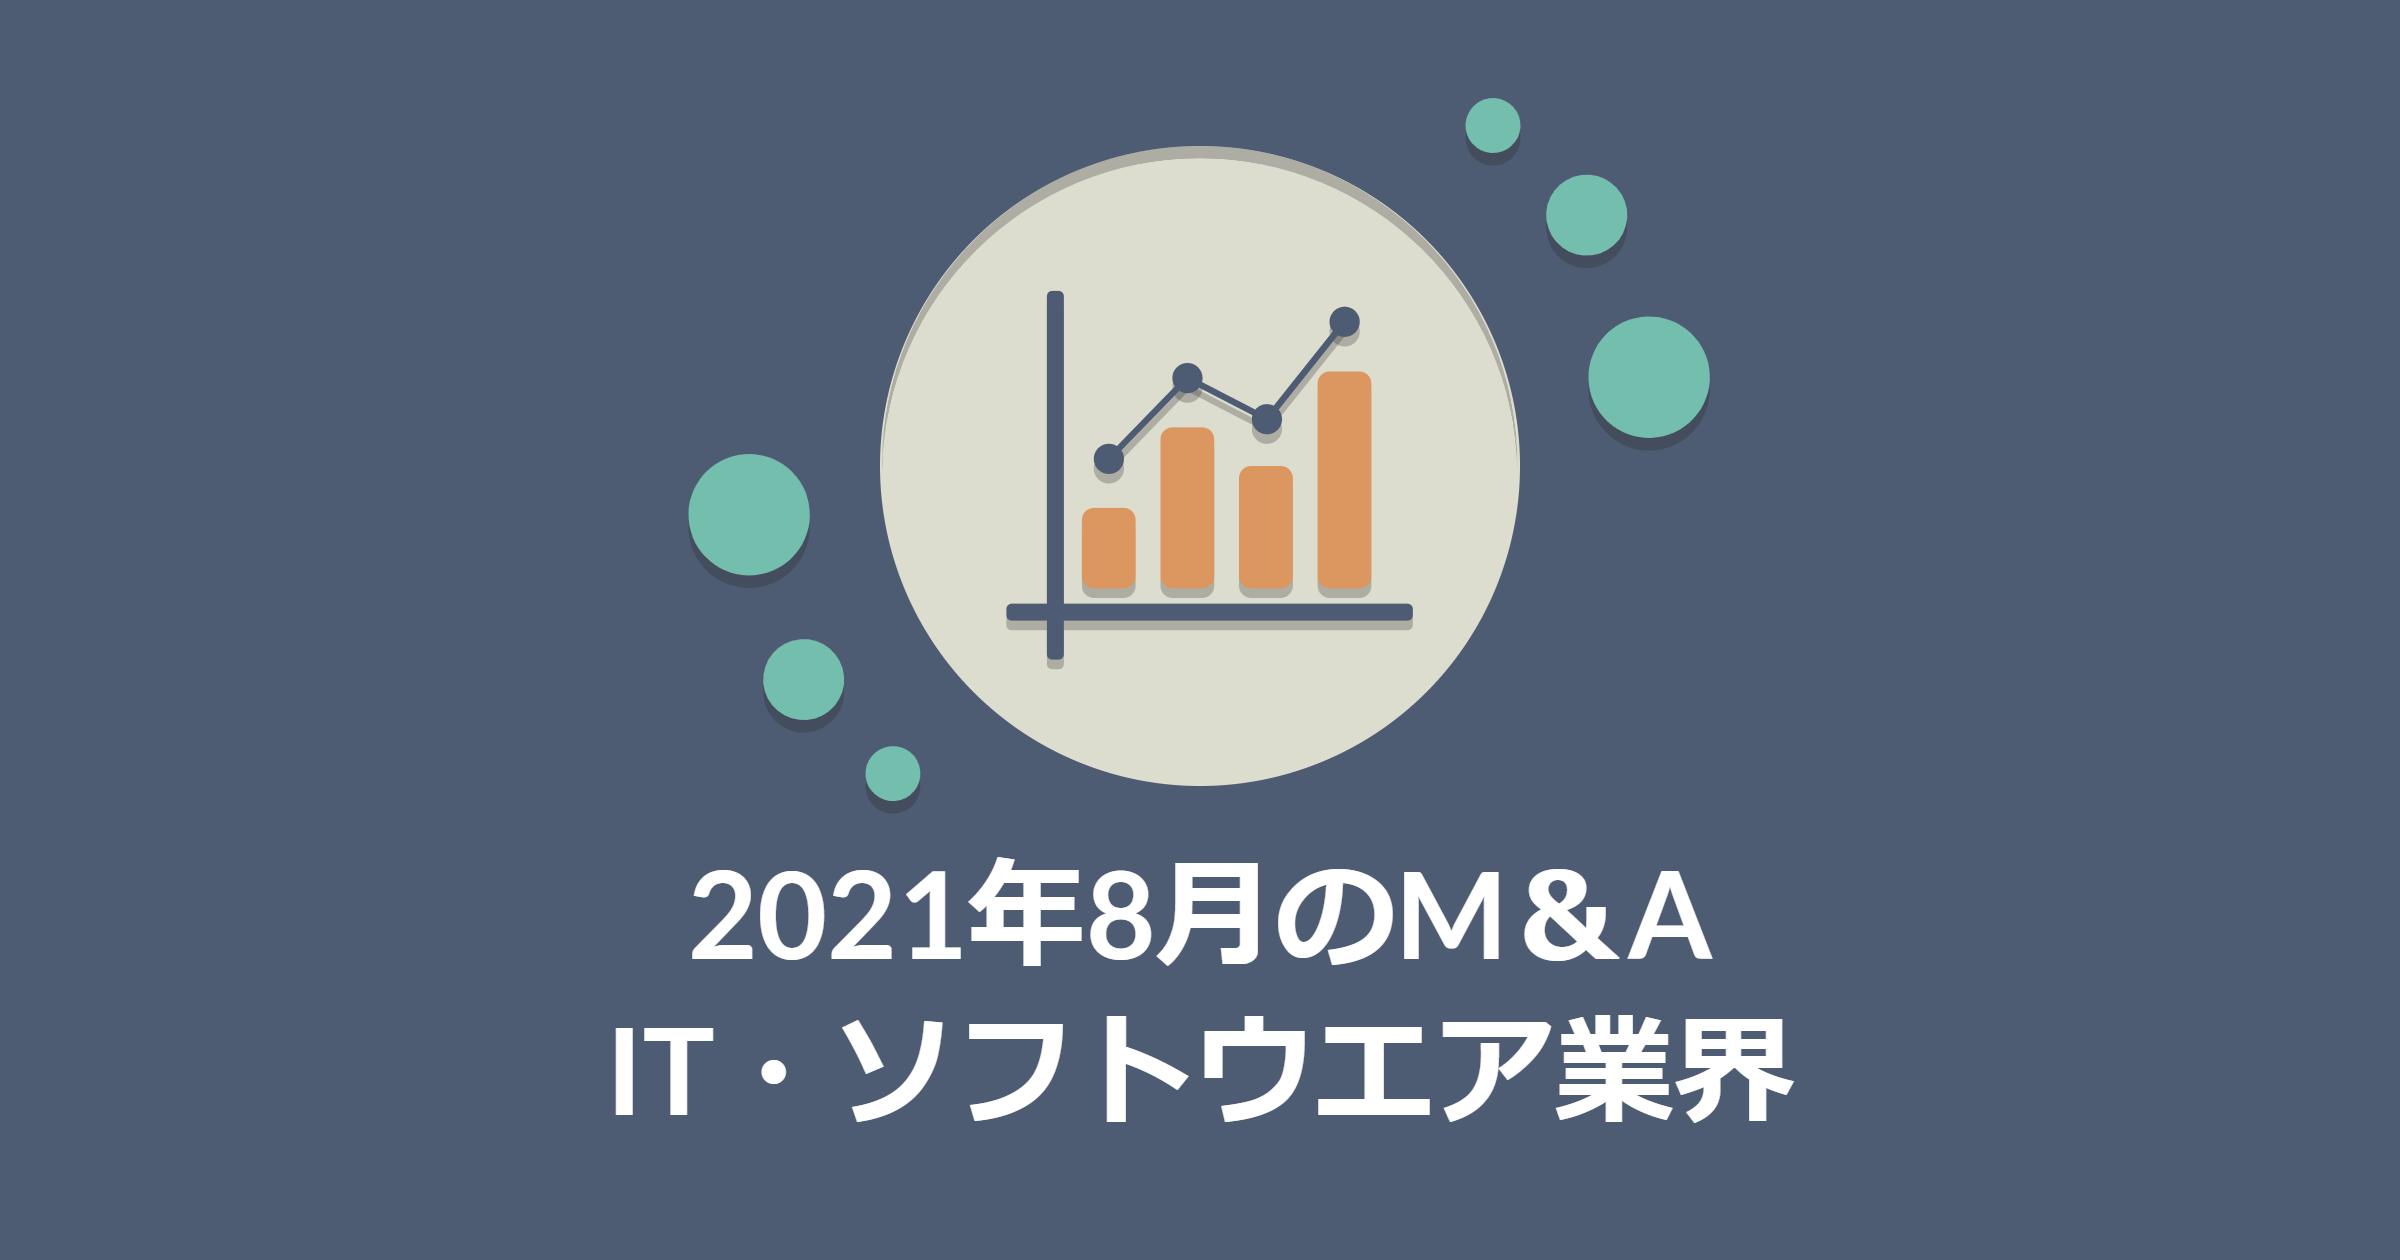 2021年8月のM&A IT・ソフトウエア業界